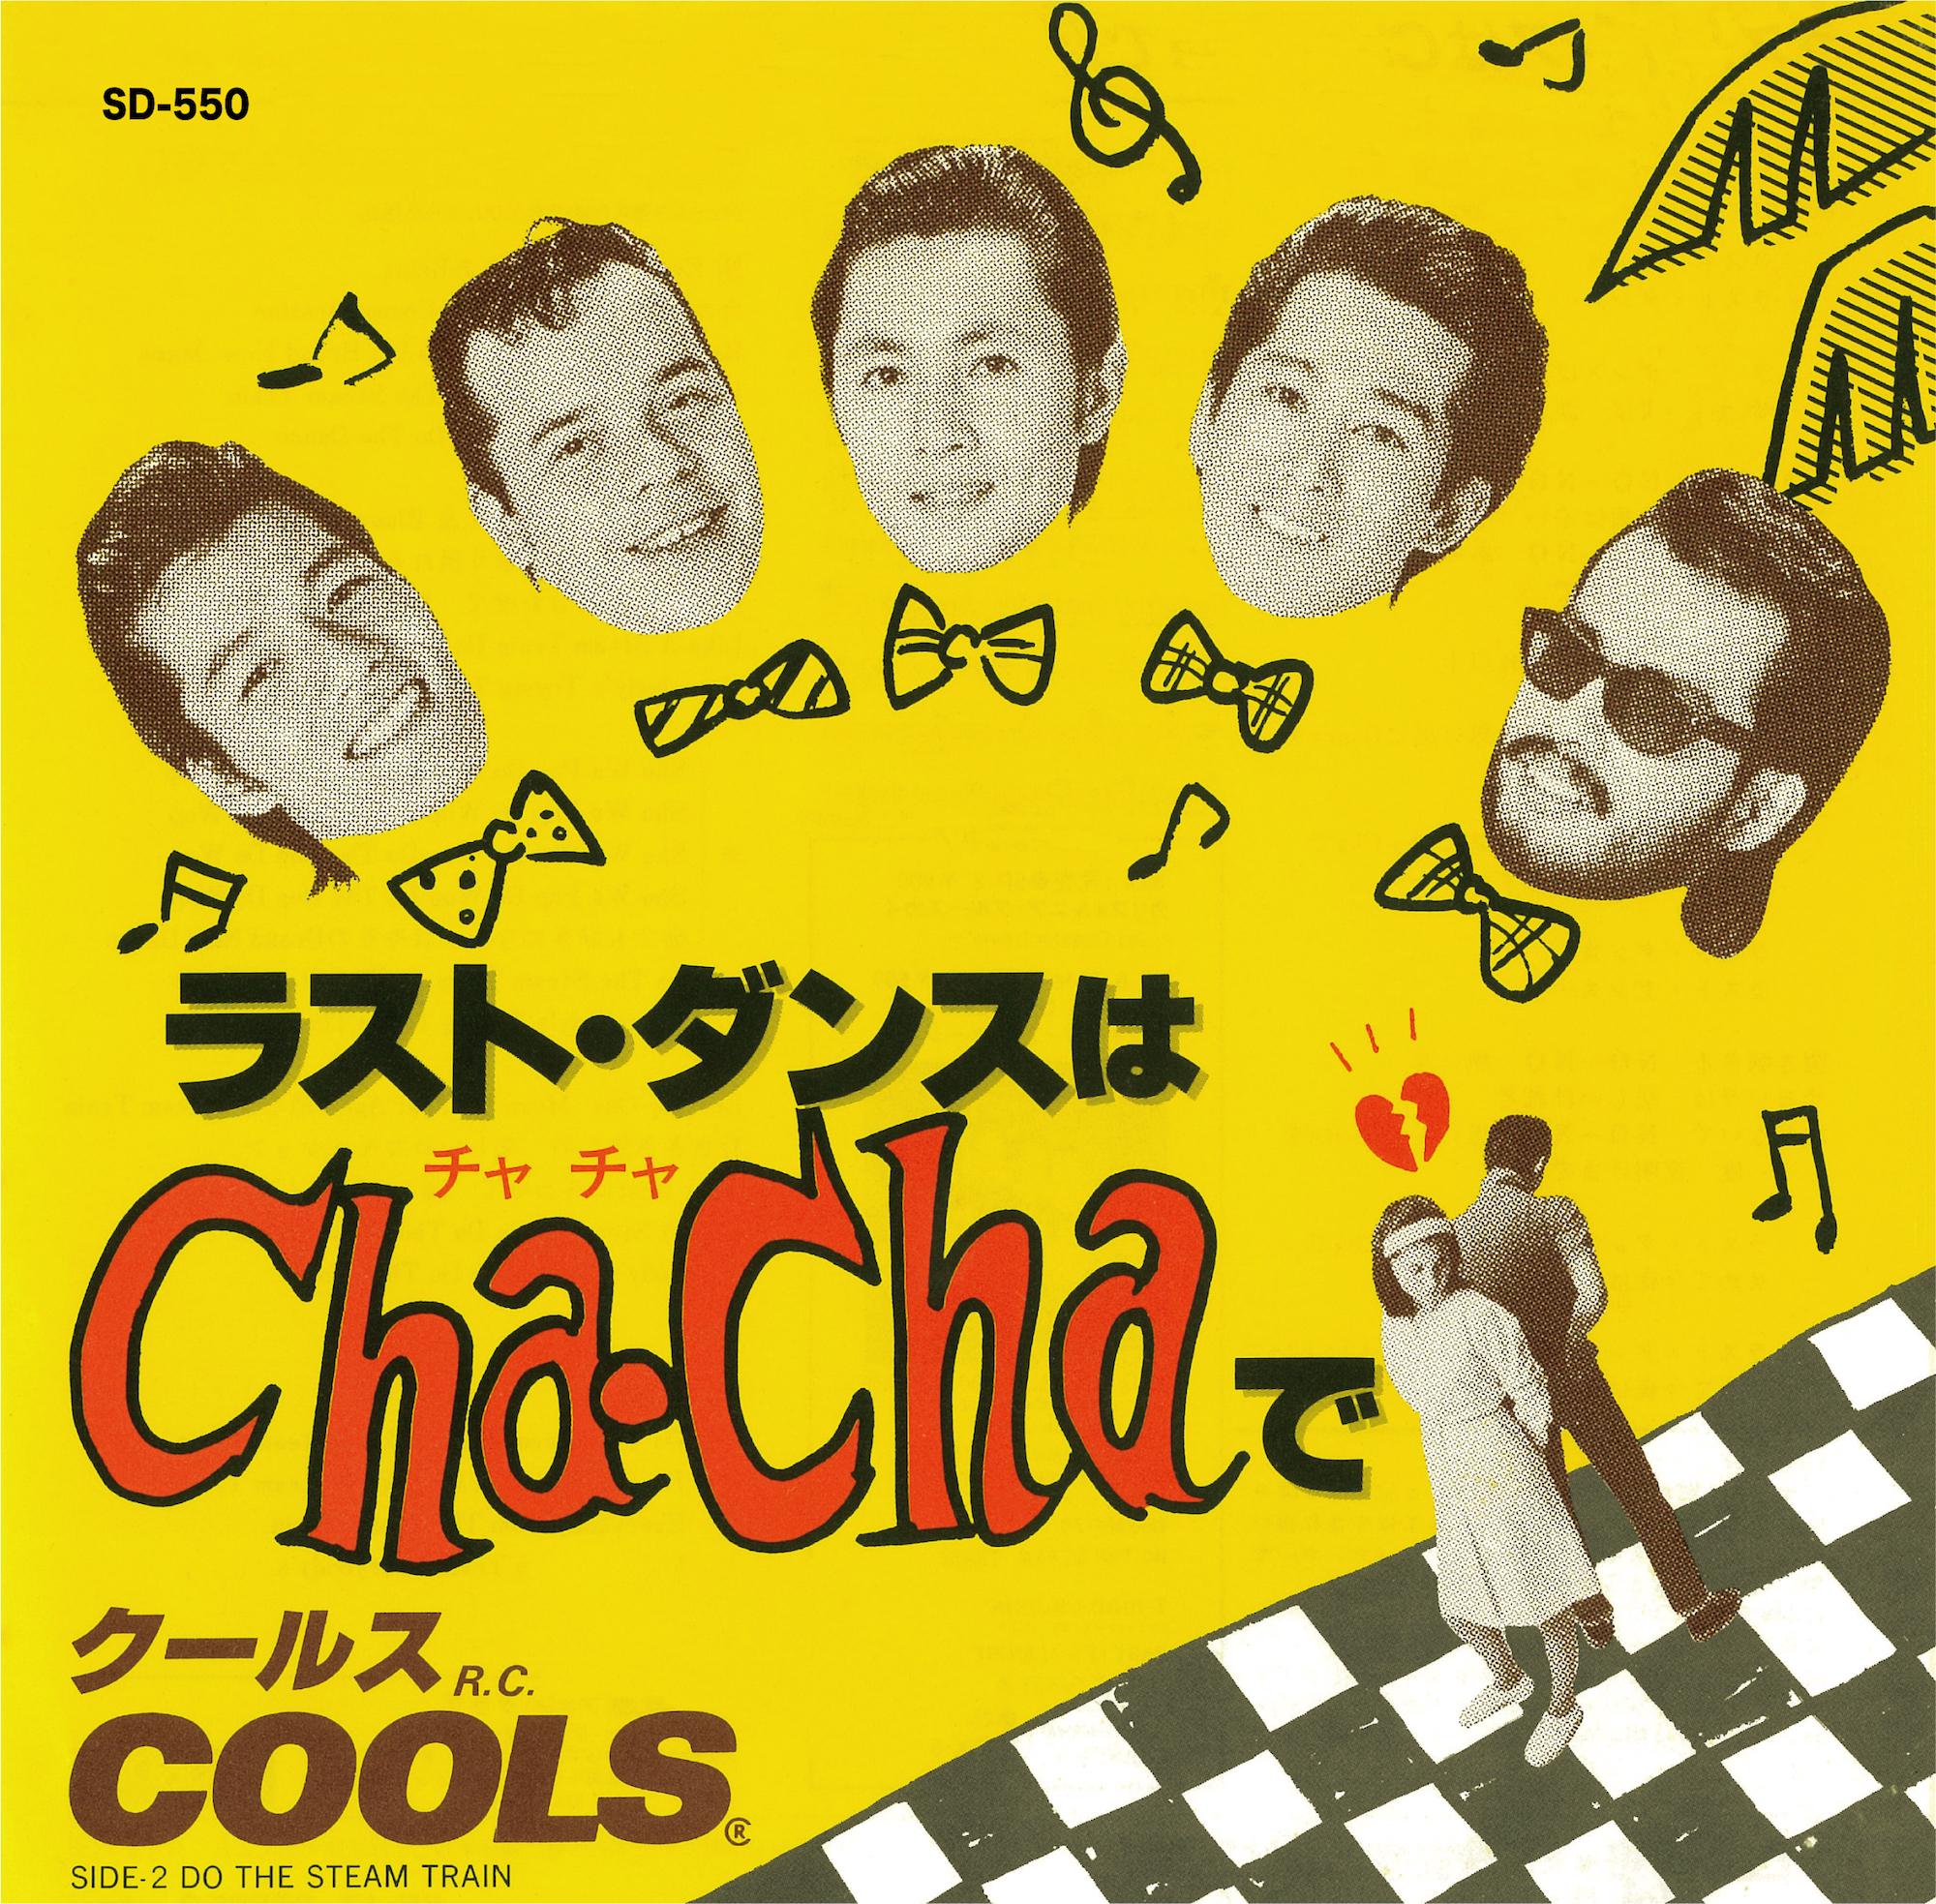 06-047 クールスR.C. – ラスト・ダンスはCha-Chaで / DO THE STEAM TRAIN